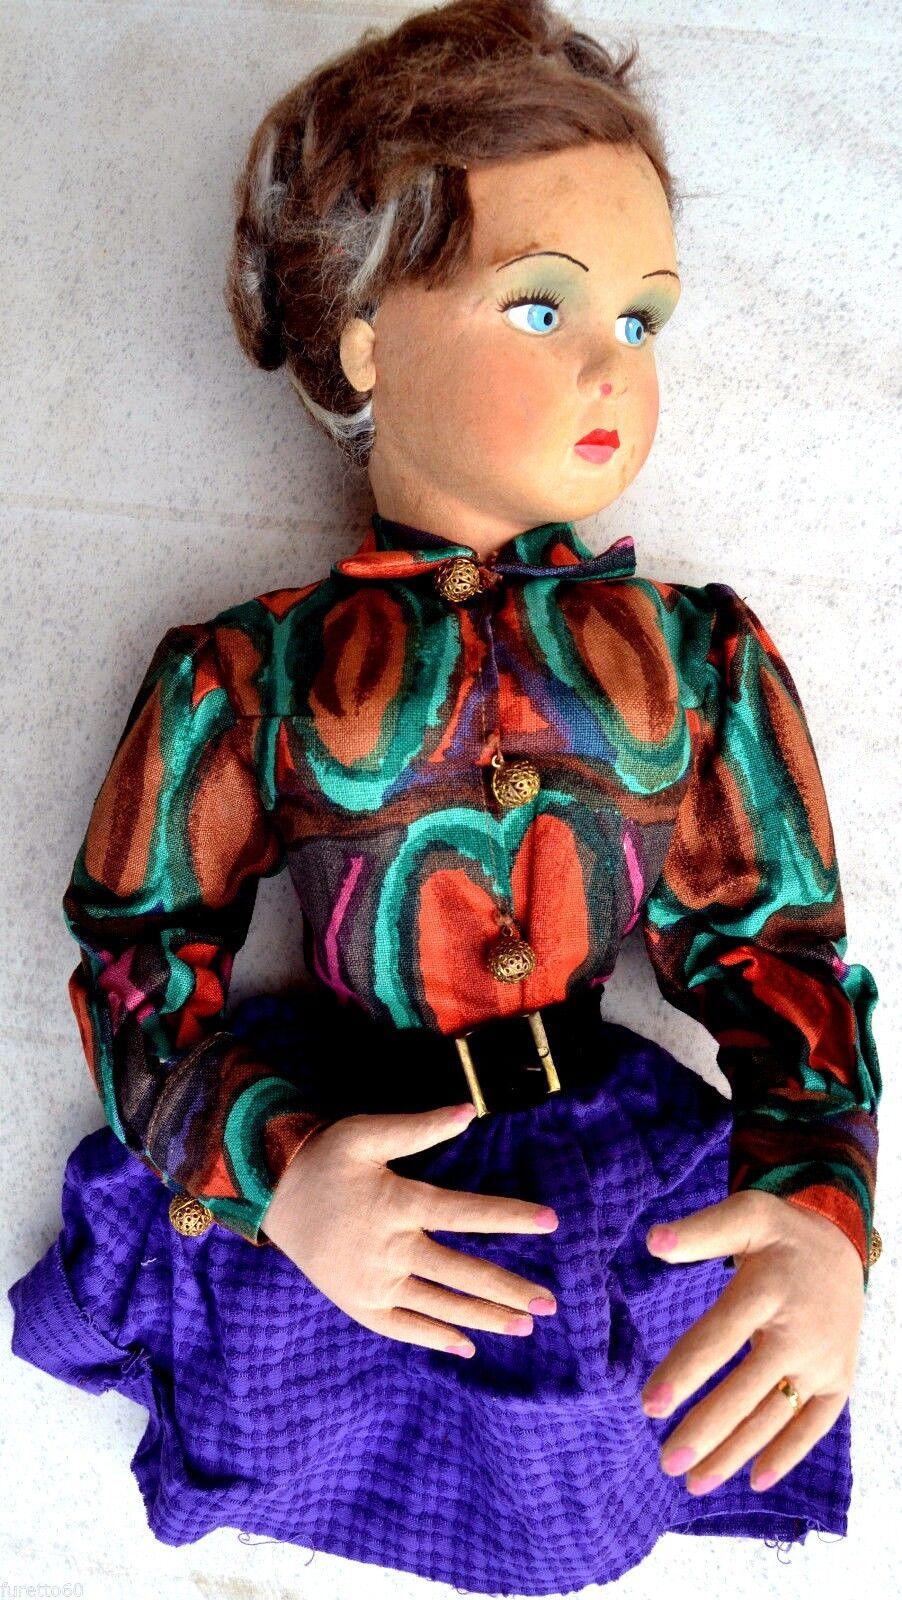 Bambola anni 40 50 sguardo laterale tipo Lenci, da poltrona (no gambe)